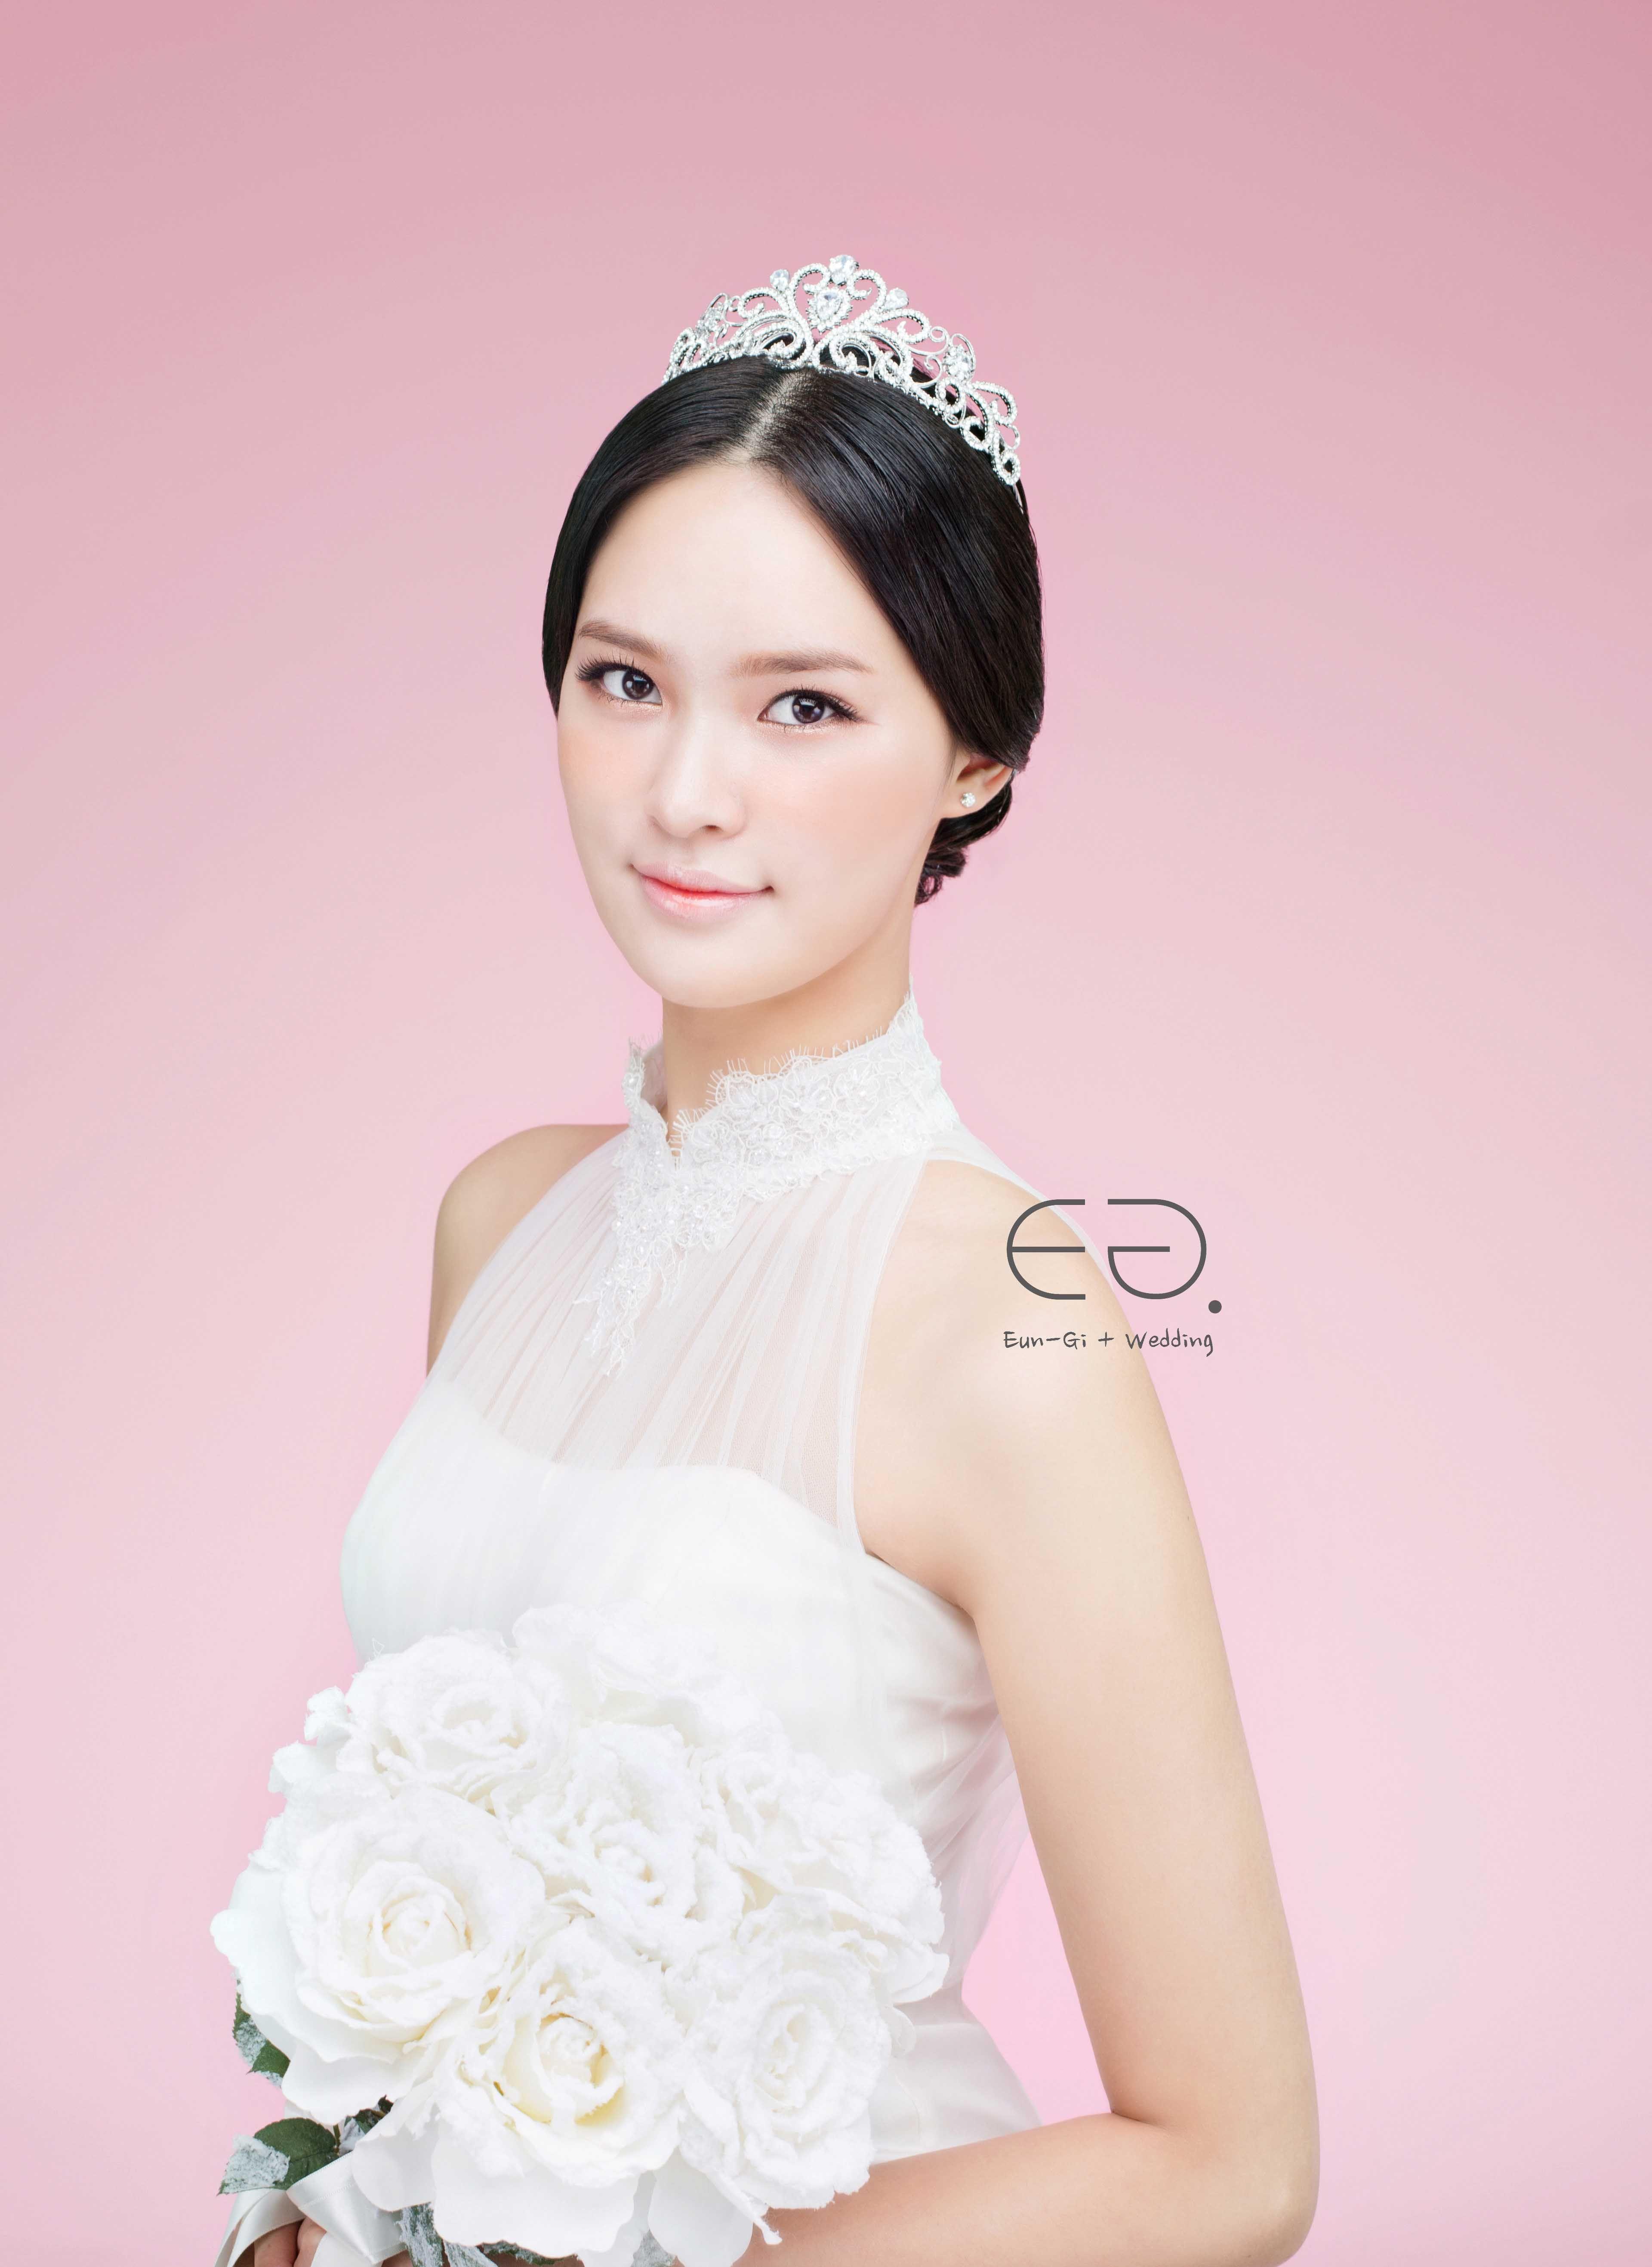 ♡Korean Wedding Makeup & Hairstyle EunGi Korea Wedding